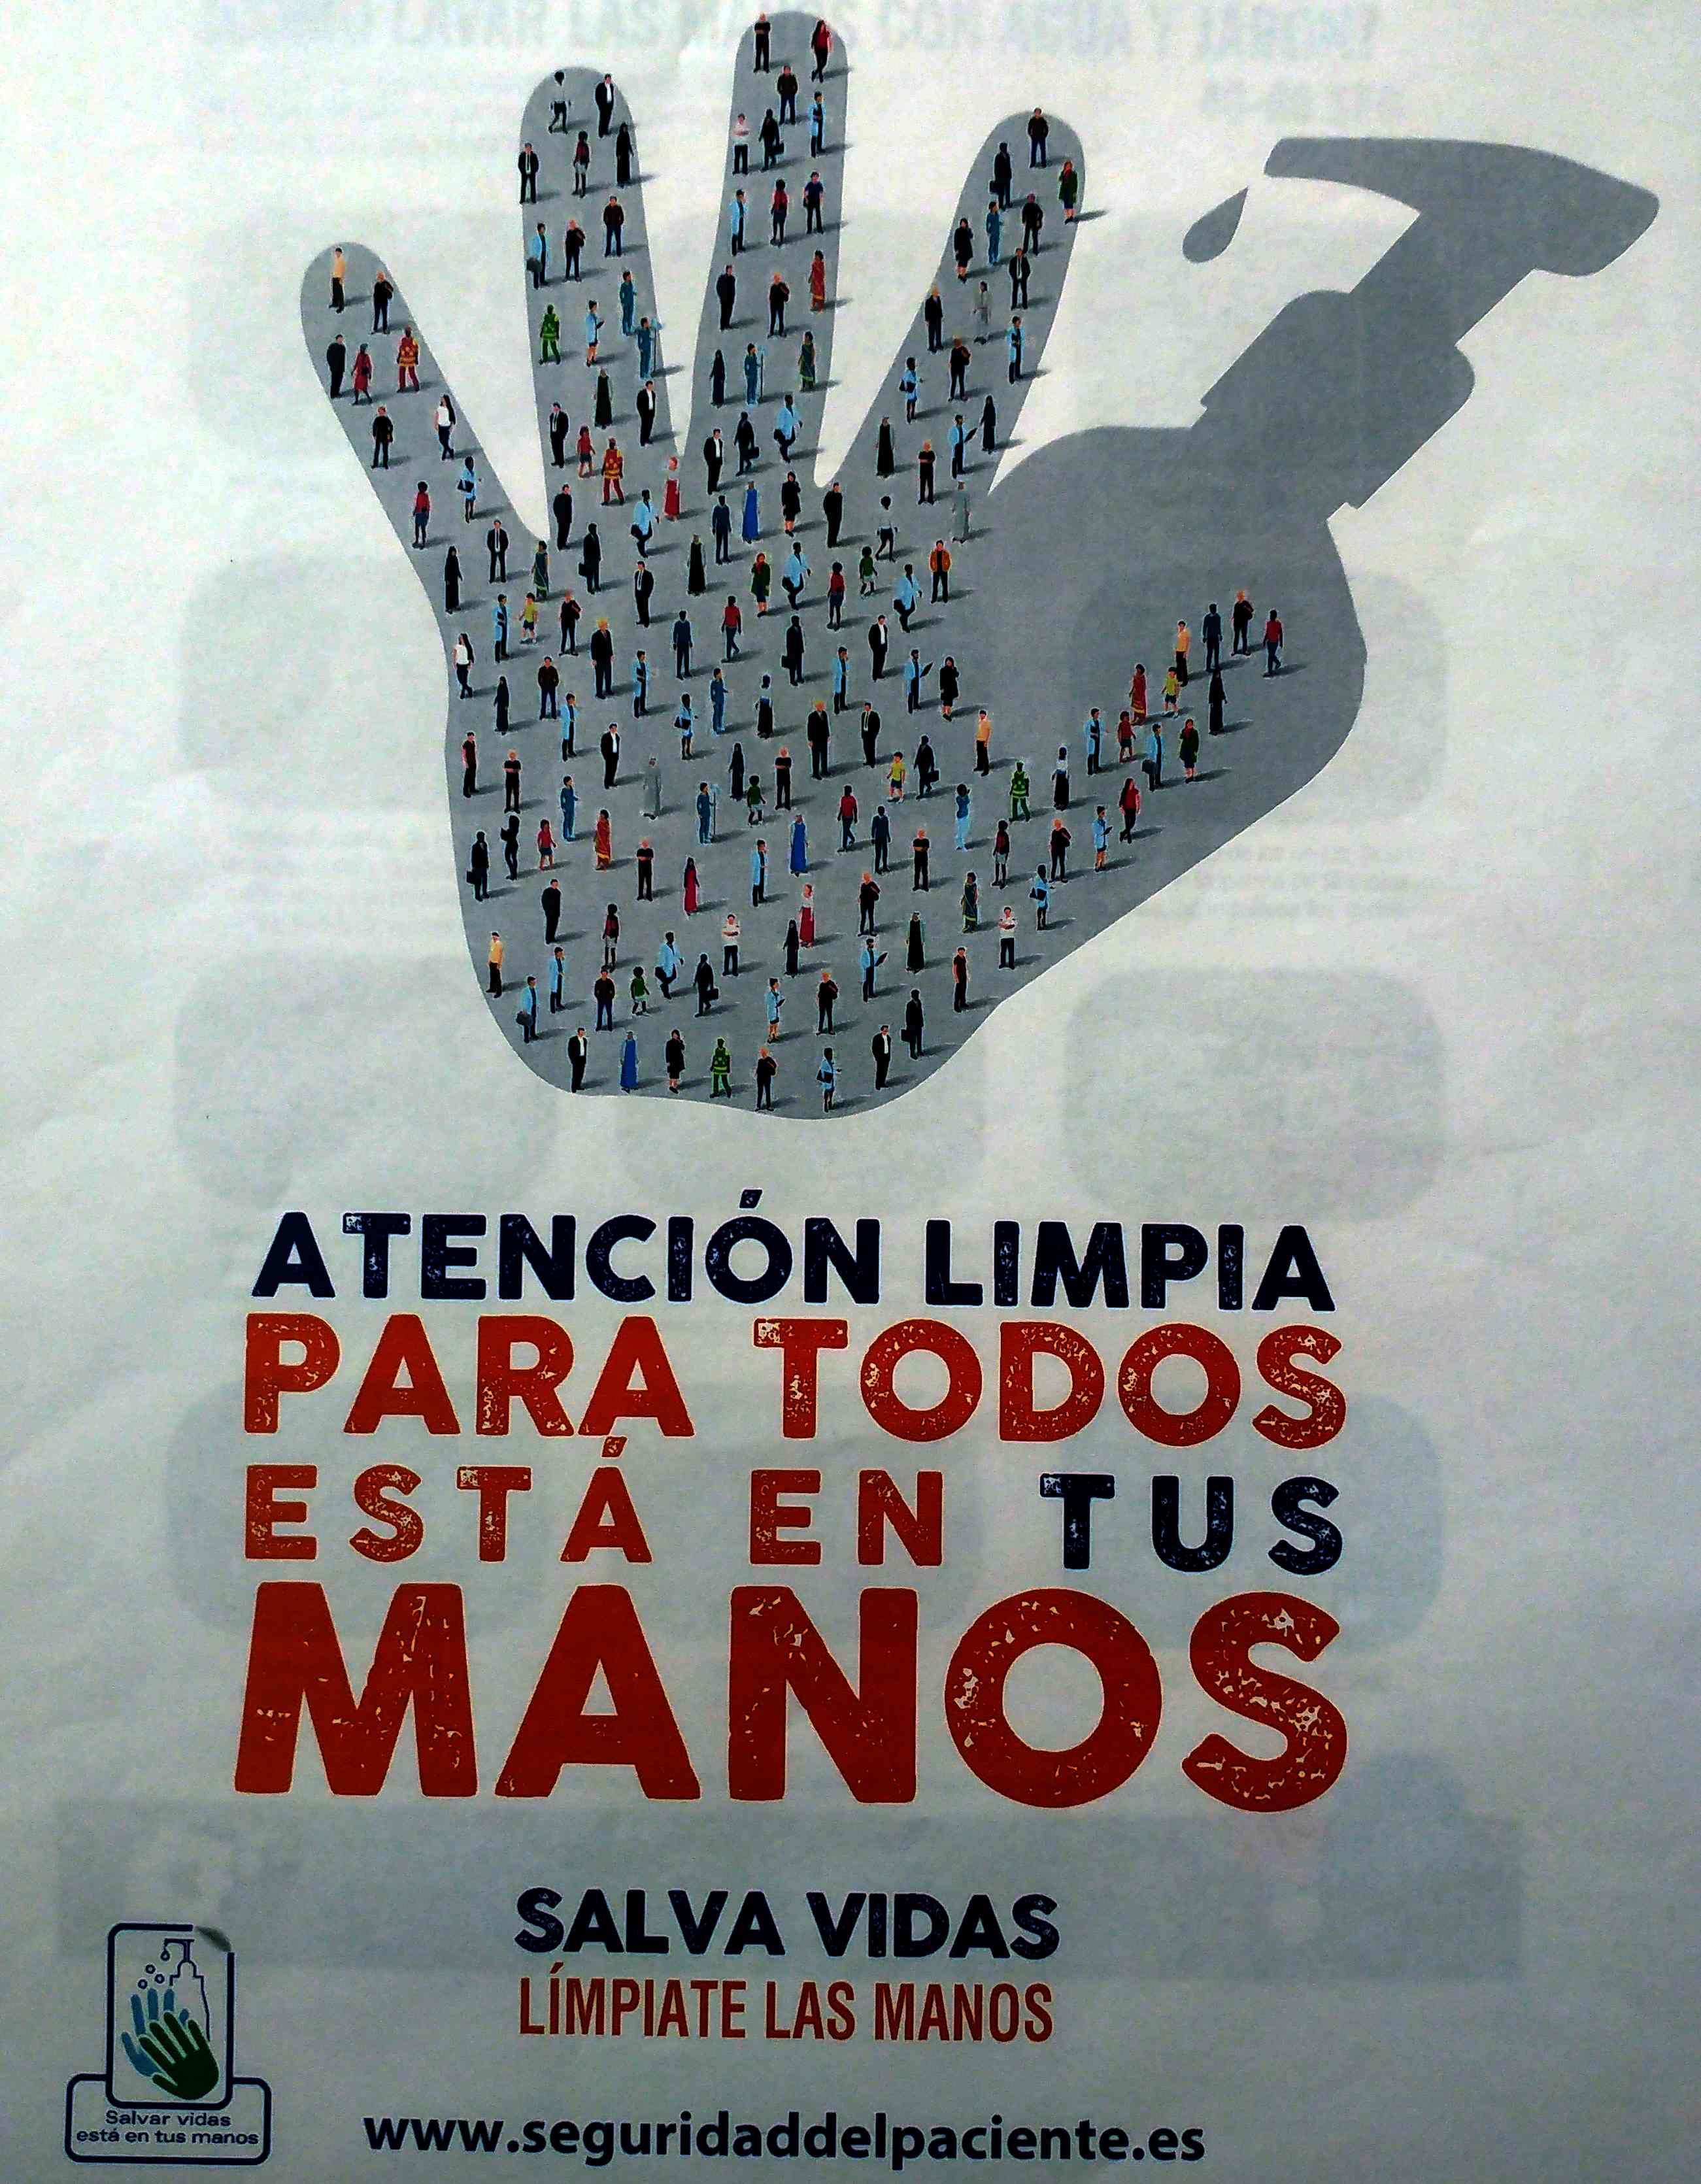 Queremos Saber 02-05-2019 Centro de Salud- D. Jesús Pardo día Internacional limpieza de las manos